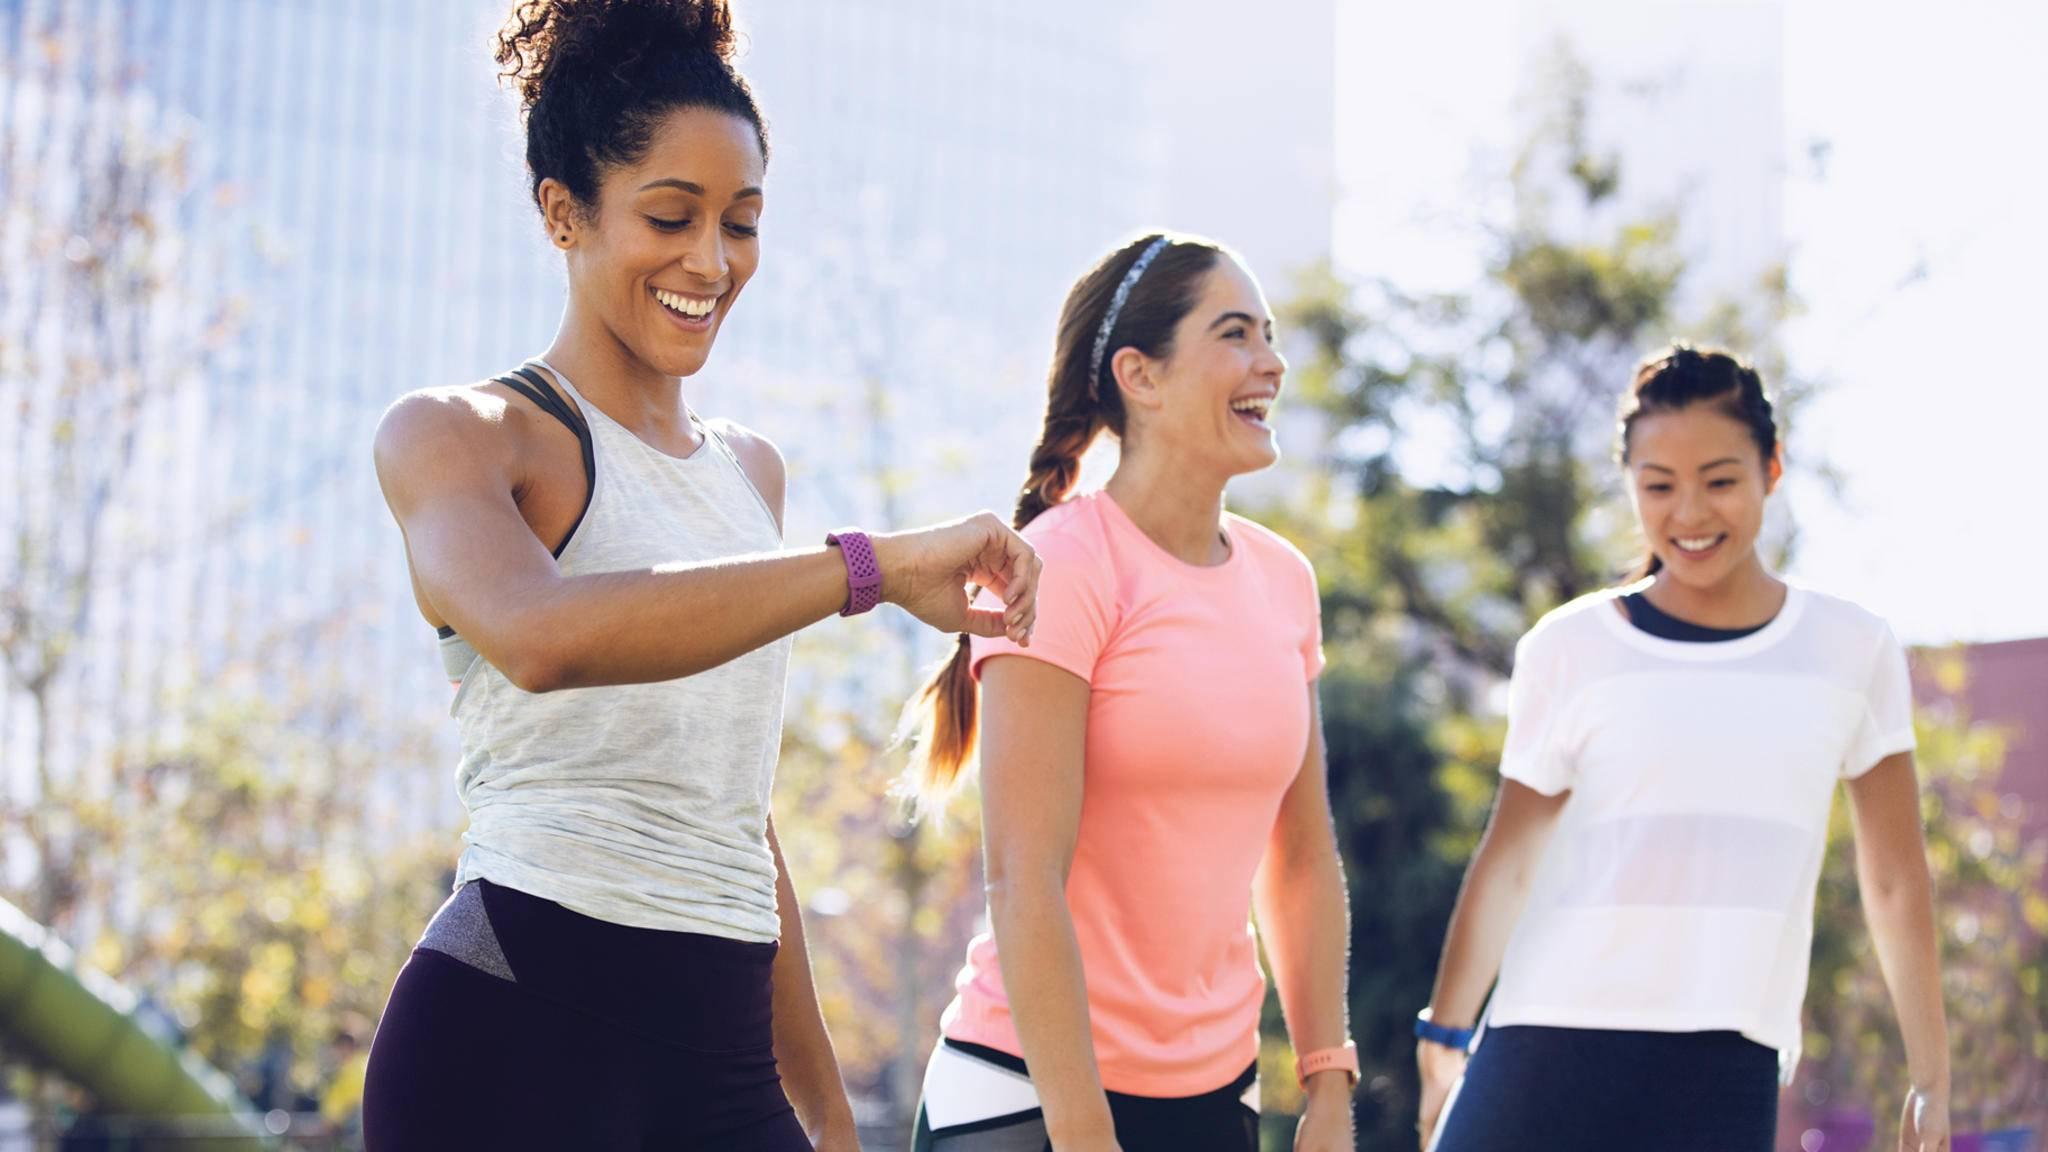 Der Fitbit Charge 3 wird für Läufer in Zukunft noch interessanter.